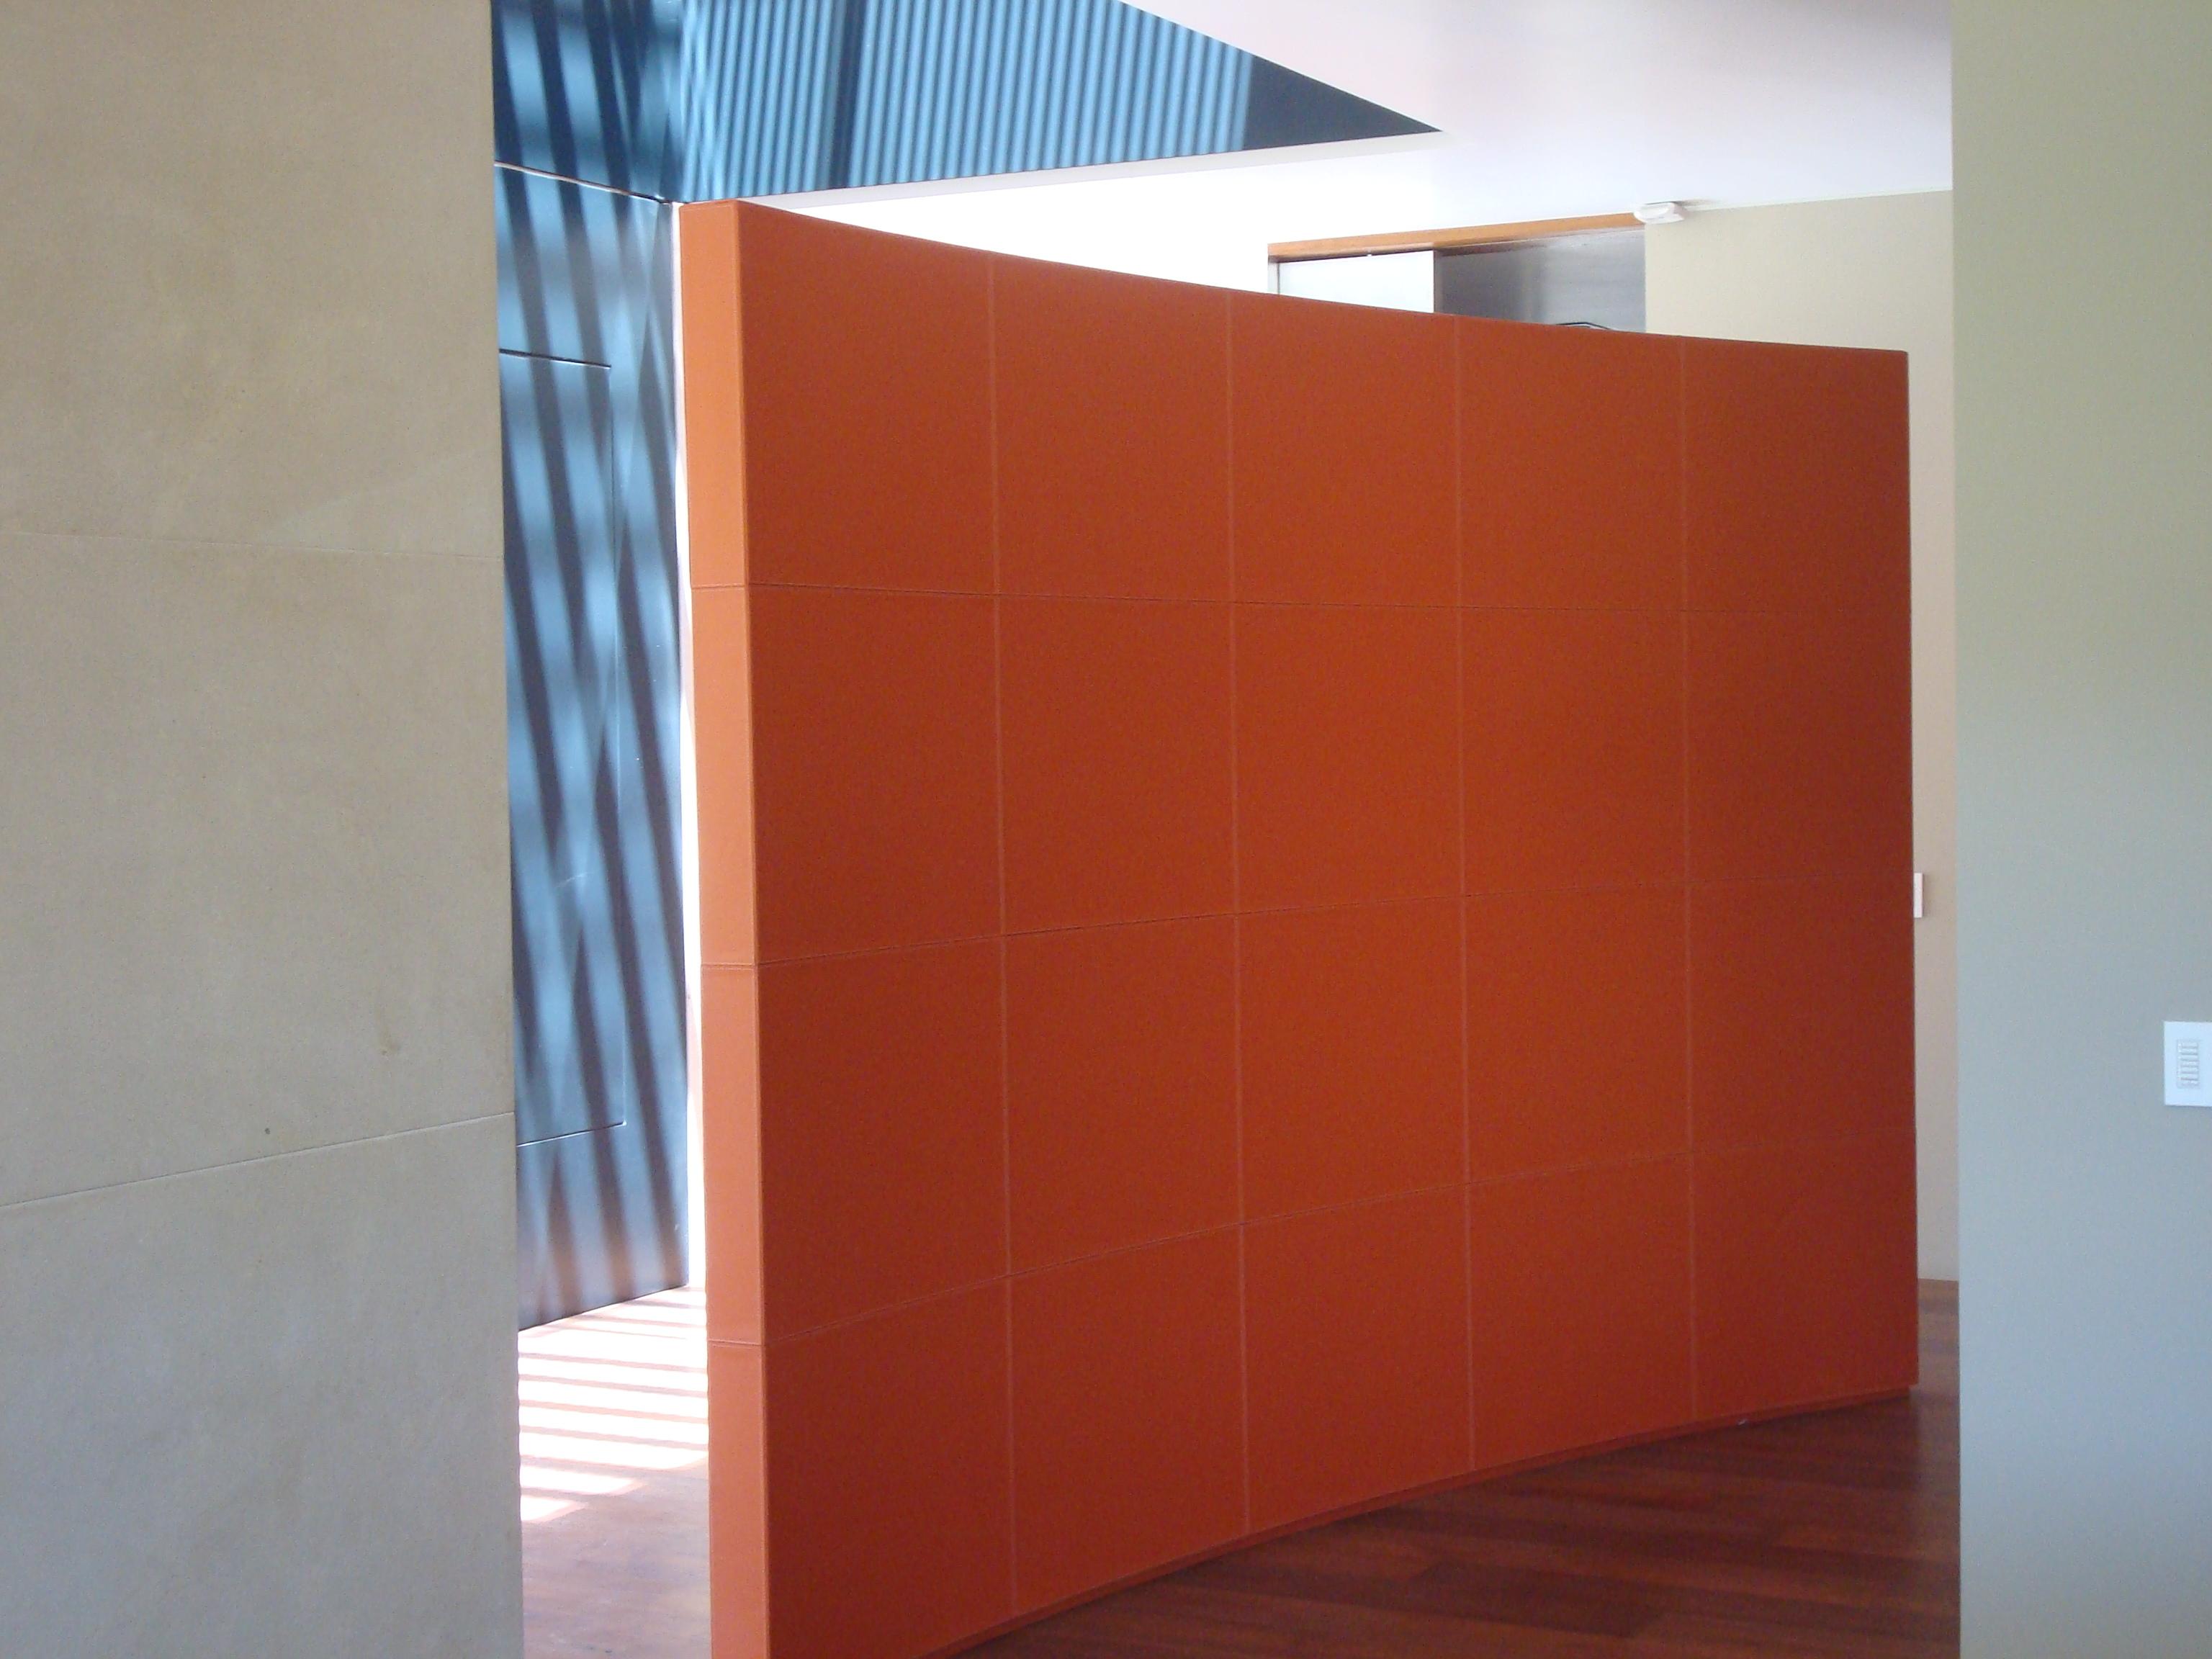 Muro divisorio en casa habitación